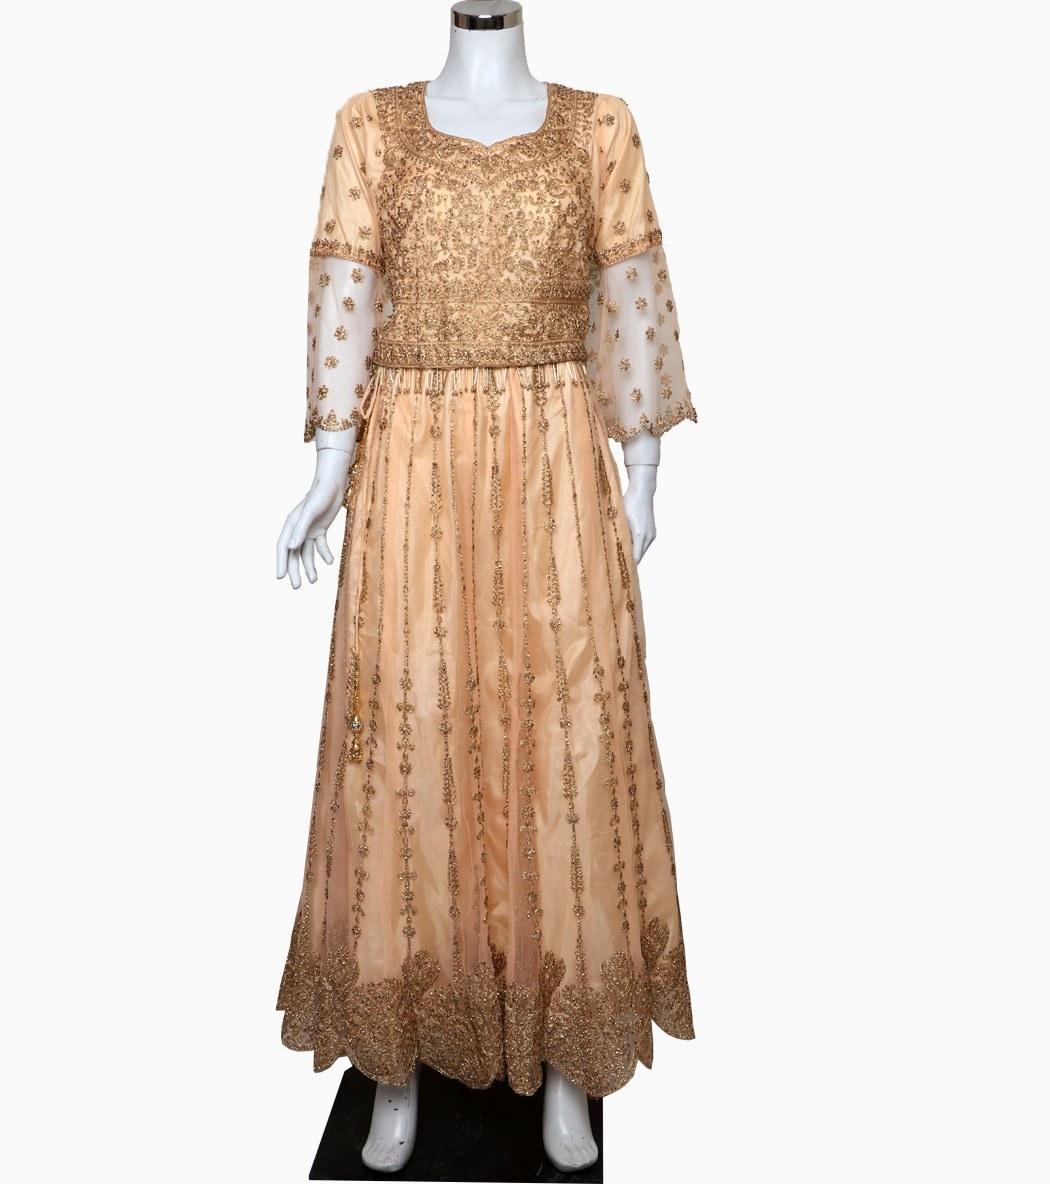 تصویر لباس هندی لهنگا کد KH-01035